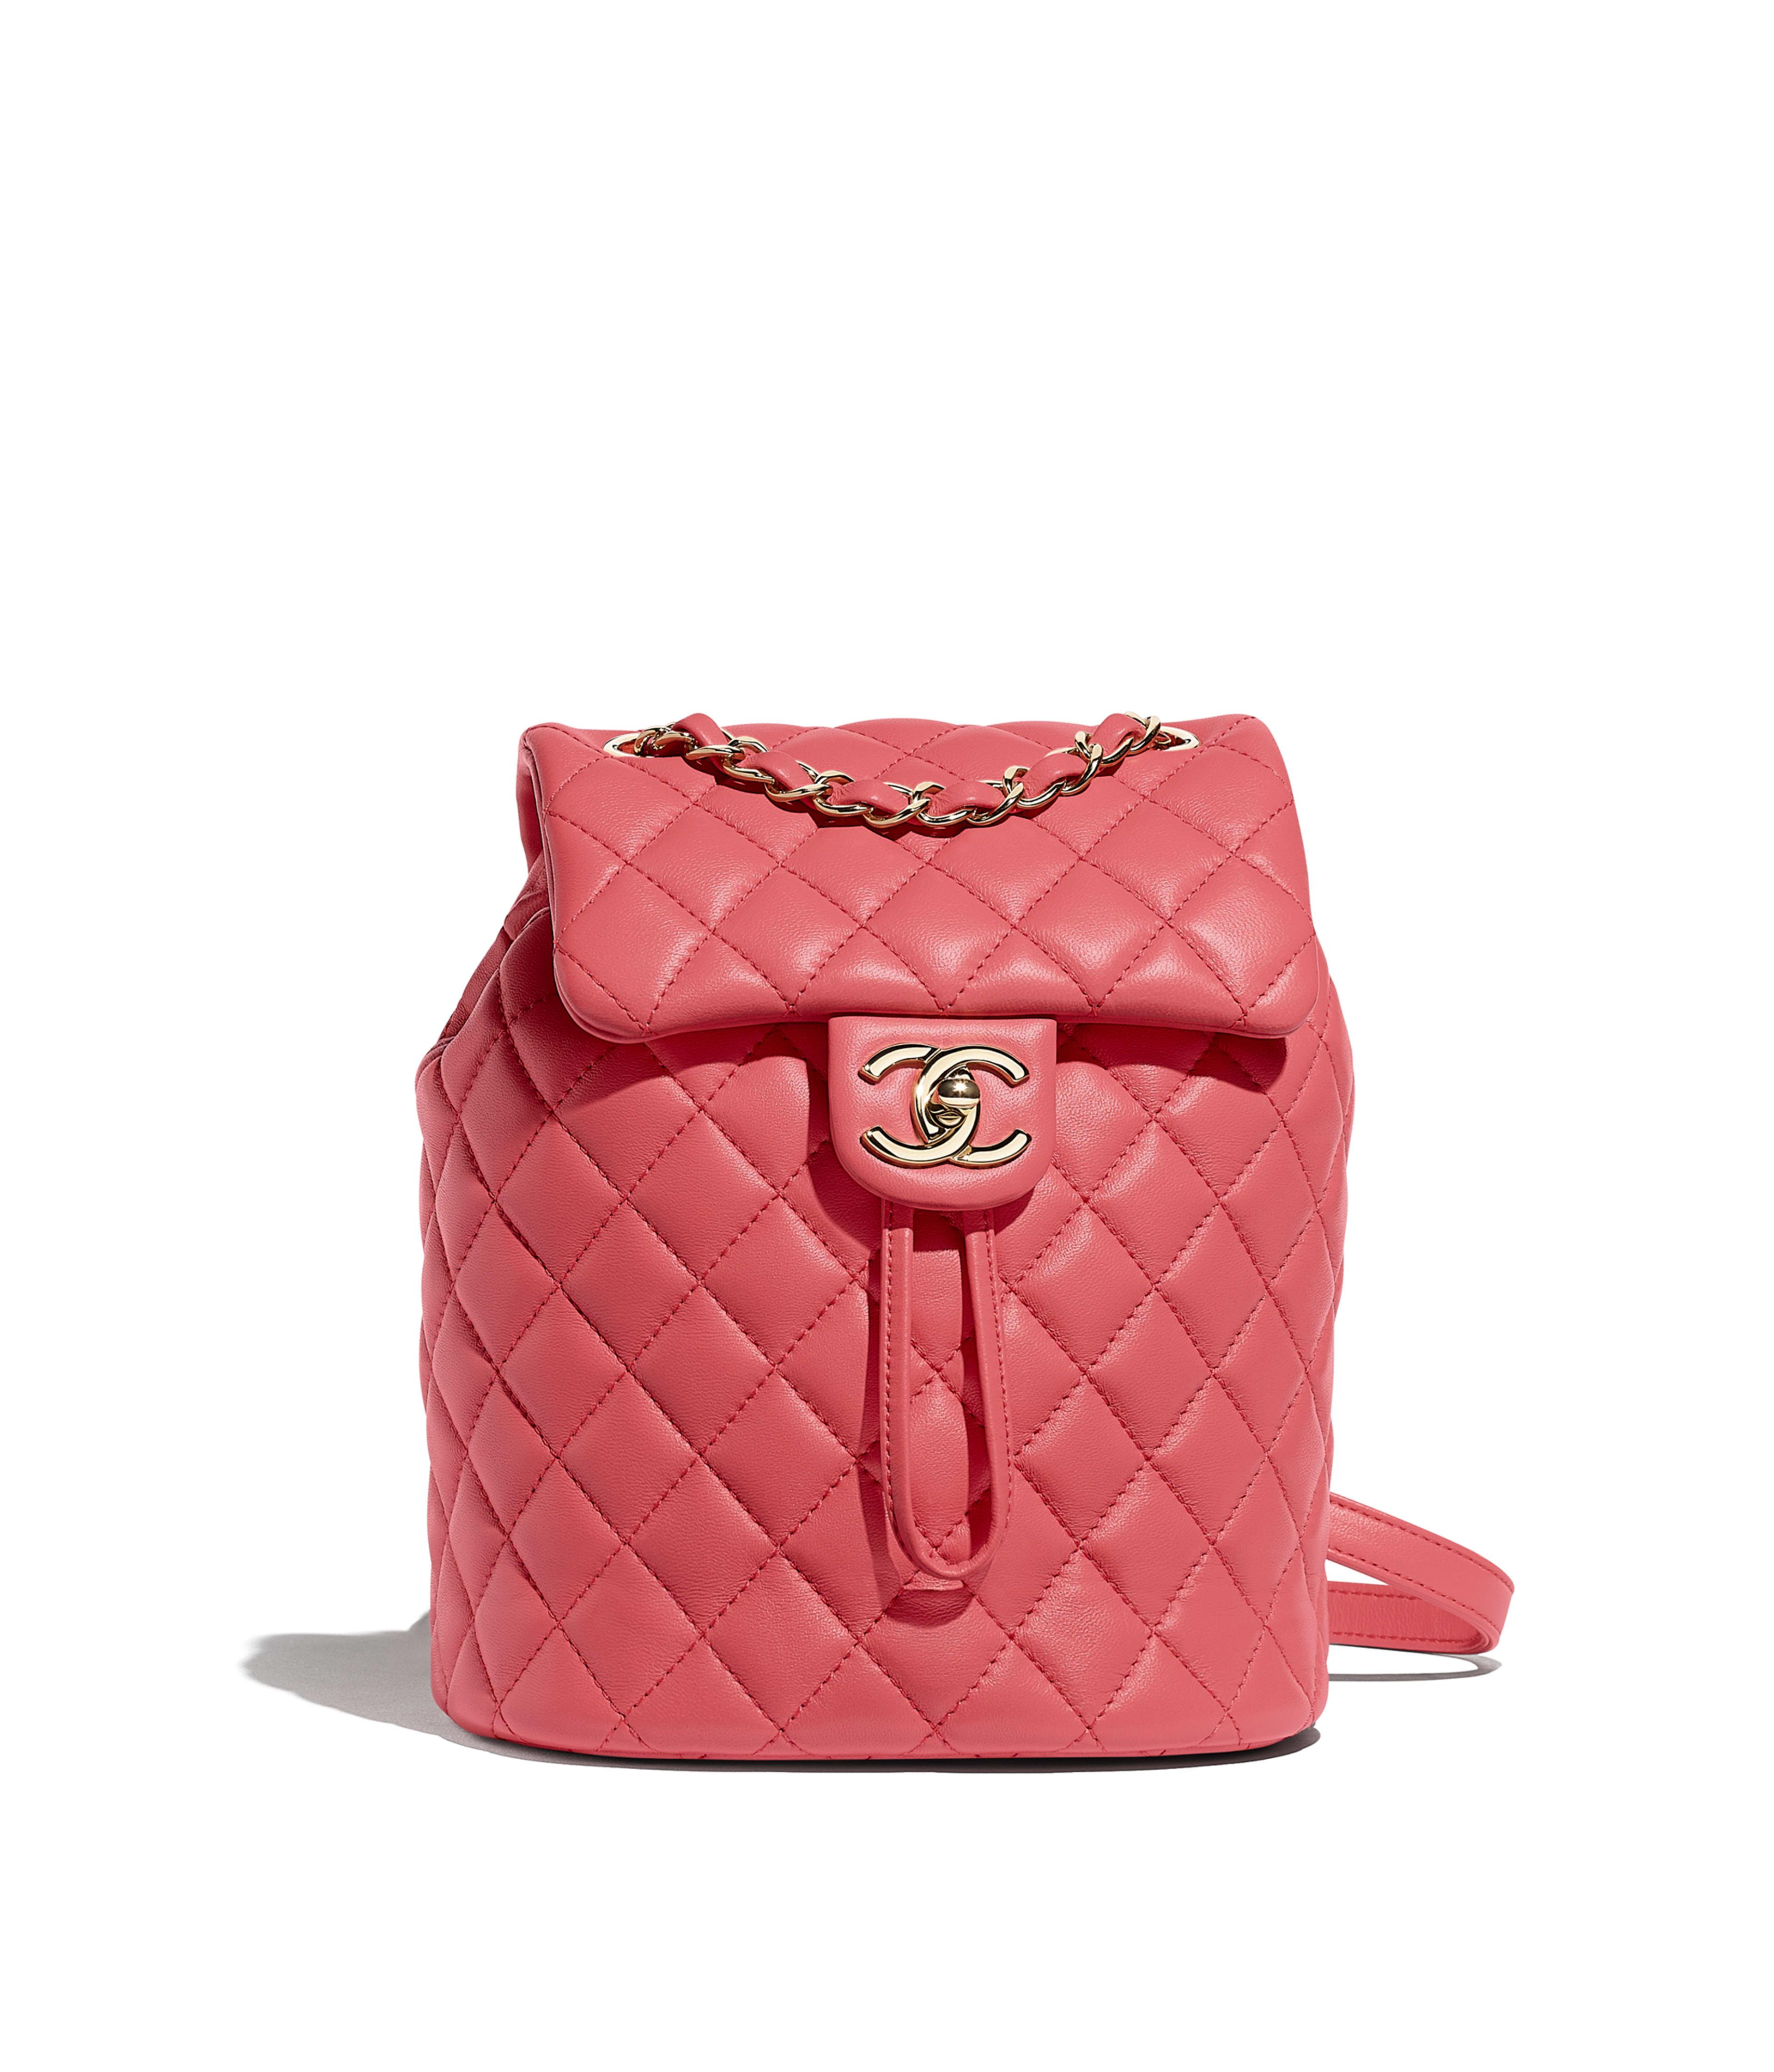 1af1331ffeab Backpack Lambskin & Gold-Tone Metal, Pink Ref. A69964B00250N0412